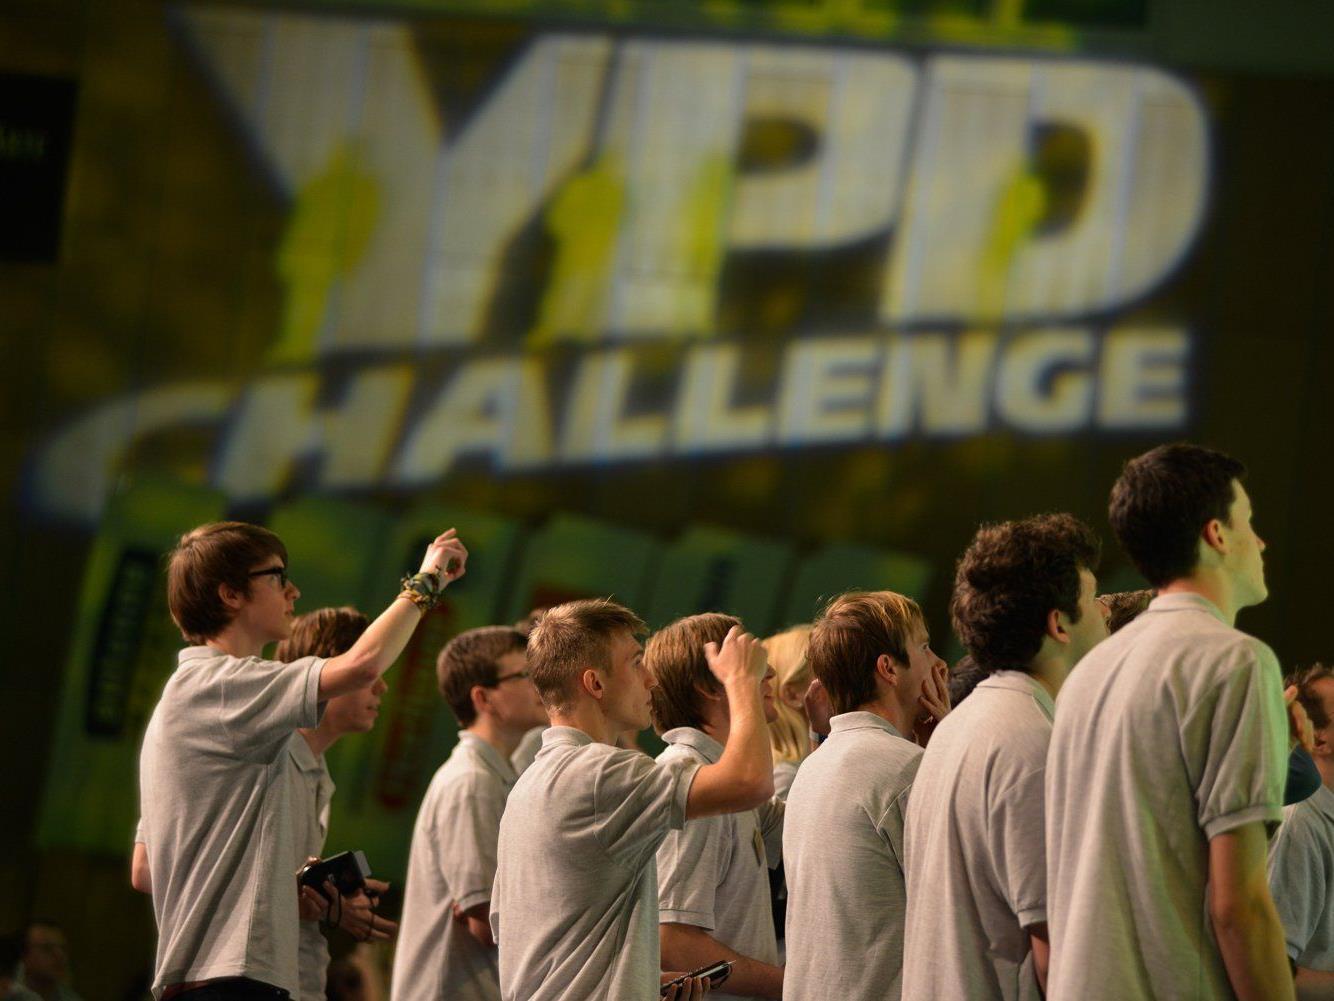 Ab dem 14. Jänner 2014 ist die Anmeldung zur YPD-Challenge möglich.